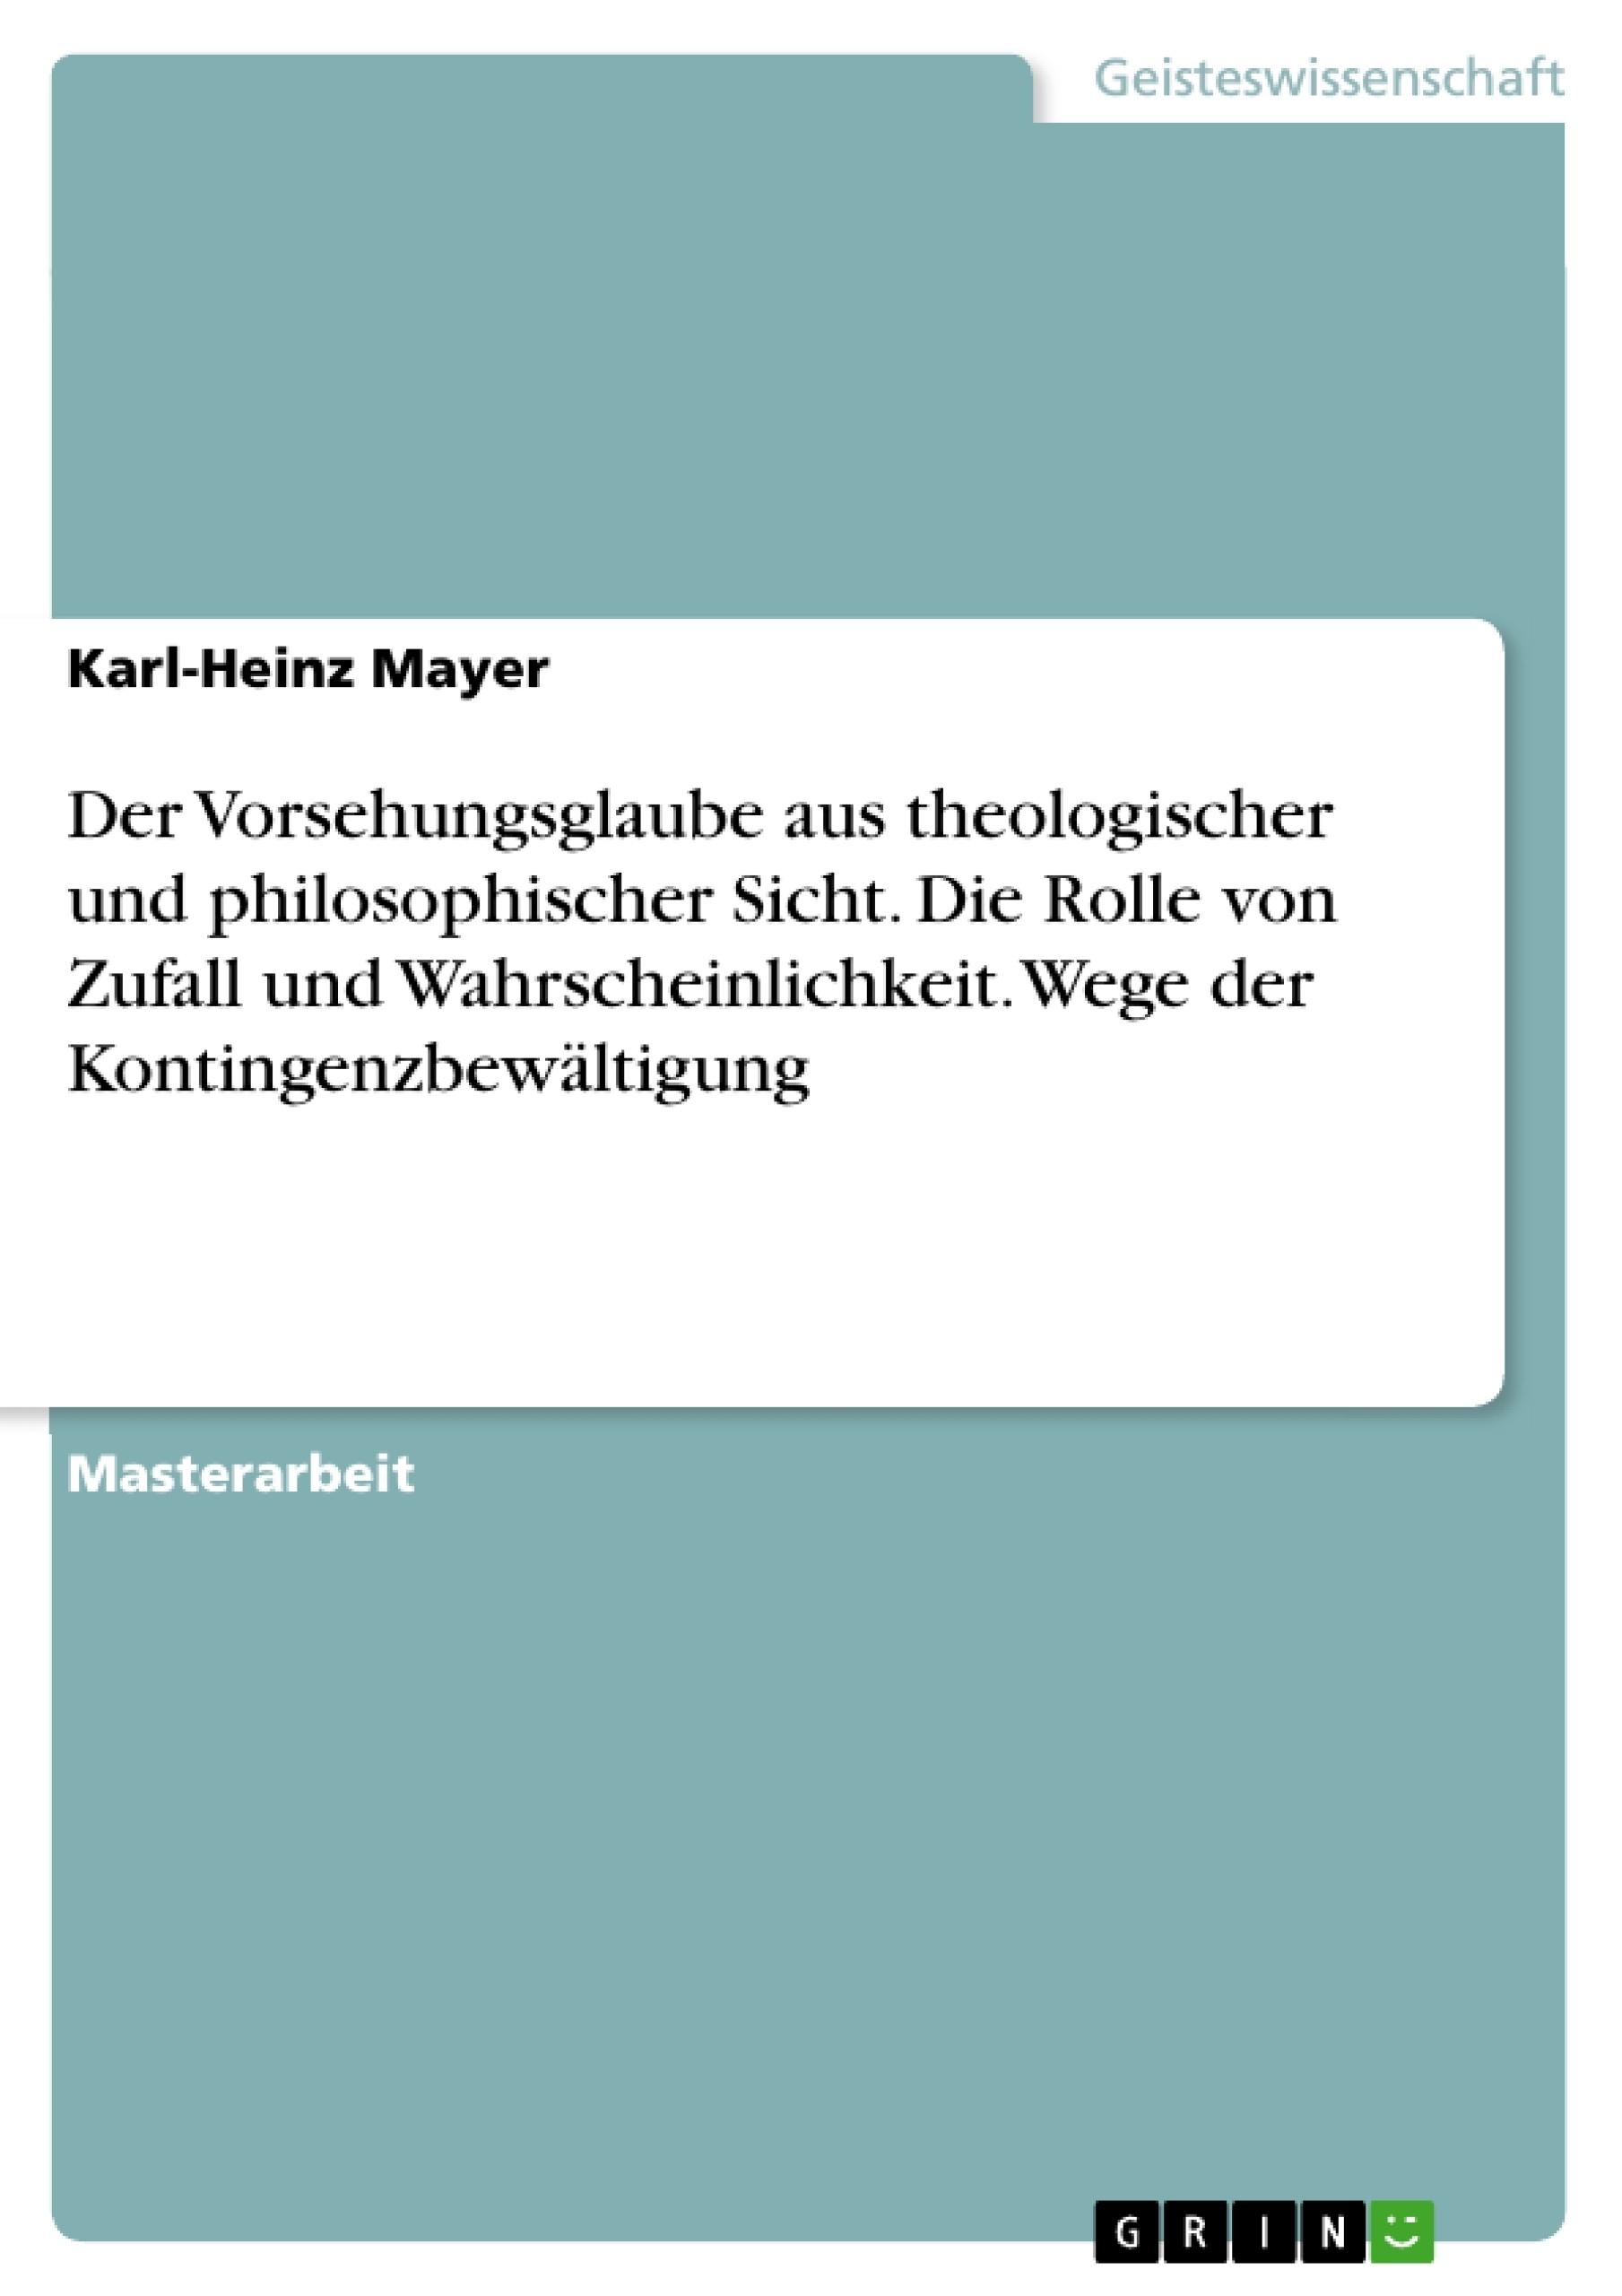 Titel: Der Vorsehungsglaube aus theologischer und philosophischer Sicht. Die Rolle von Zufall und Wahrscheinlichkeit. Wege der Kontingenzbewältigung